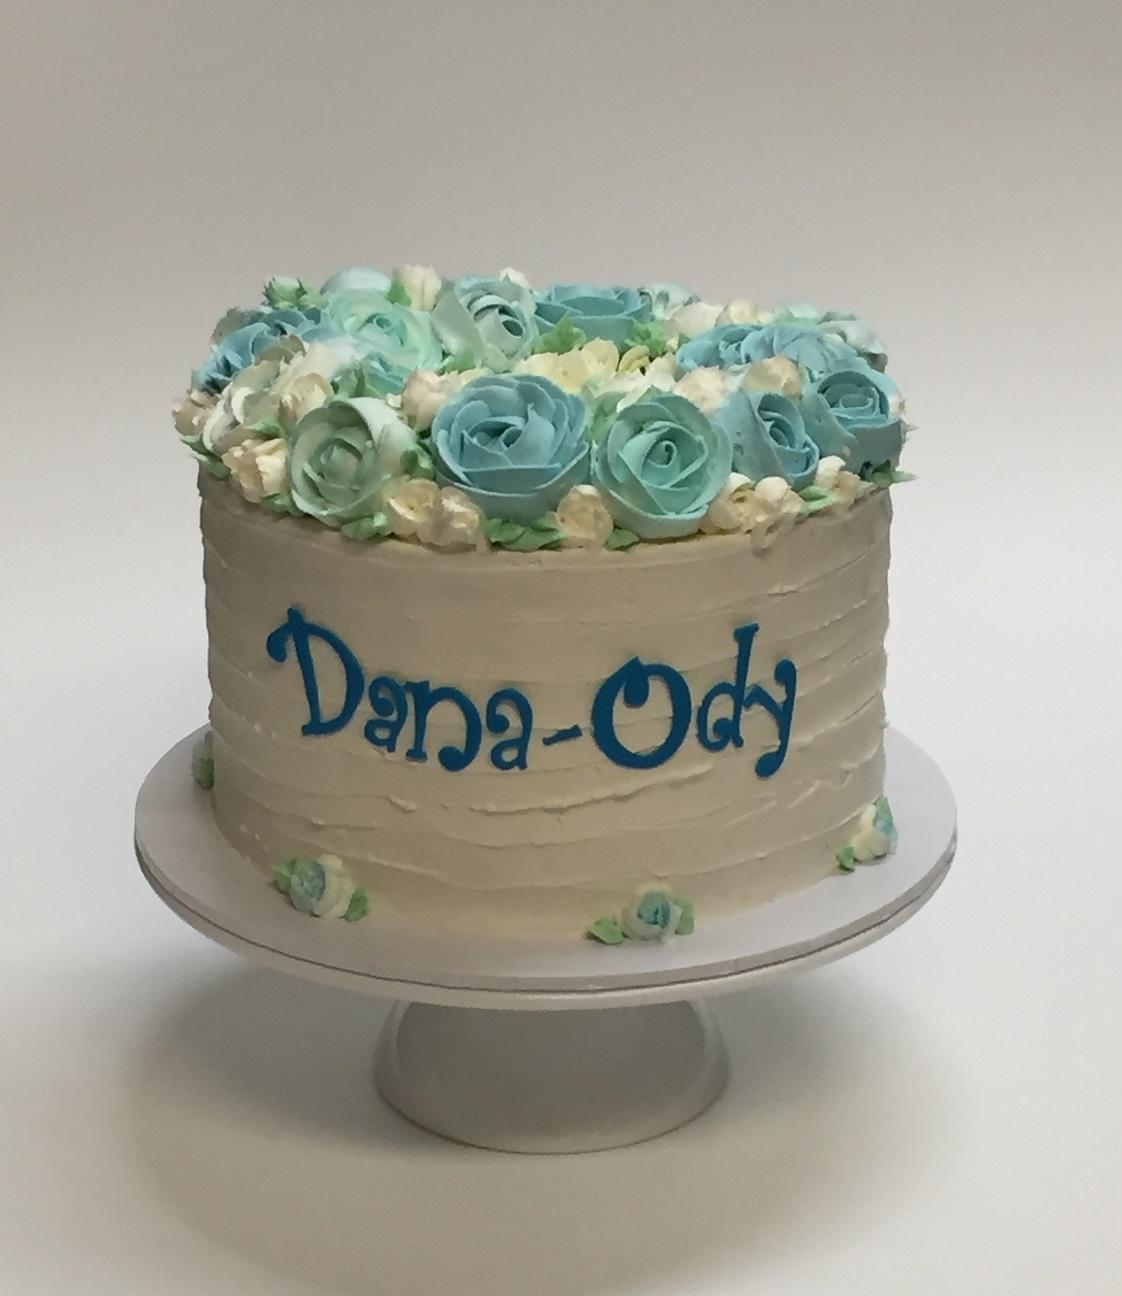 Dana -Ody